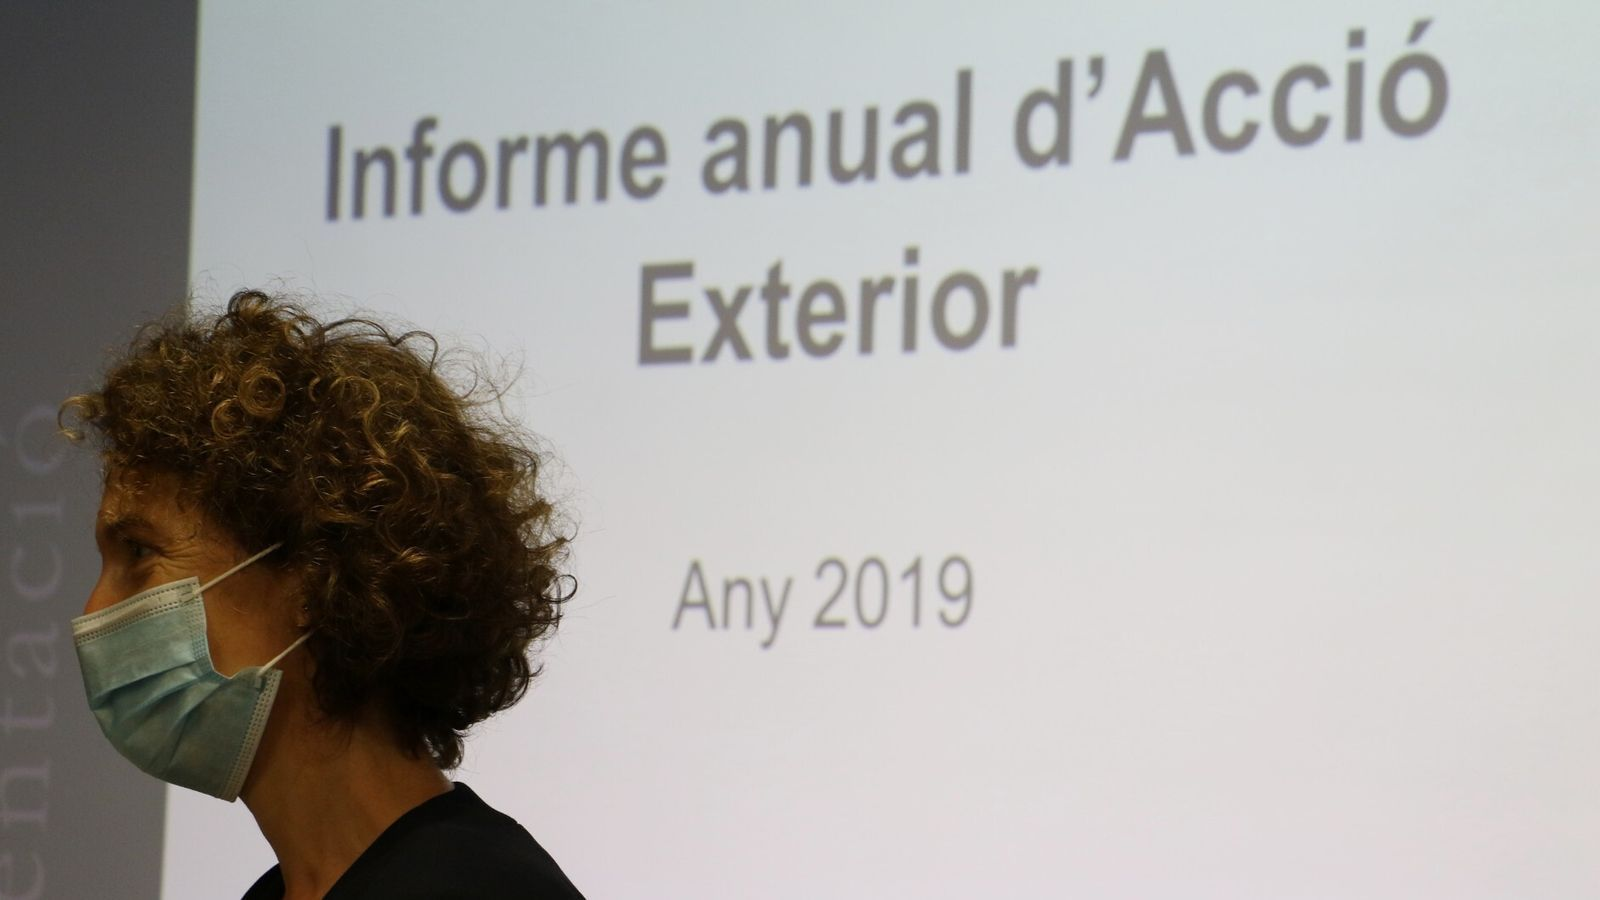 La ministra d'Afers Exteriors, Maria Ubach, durant la presentació de l'informe anual d'acció exterior 2019. / E.C. (ANA)